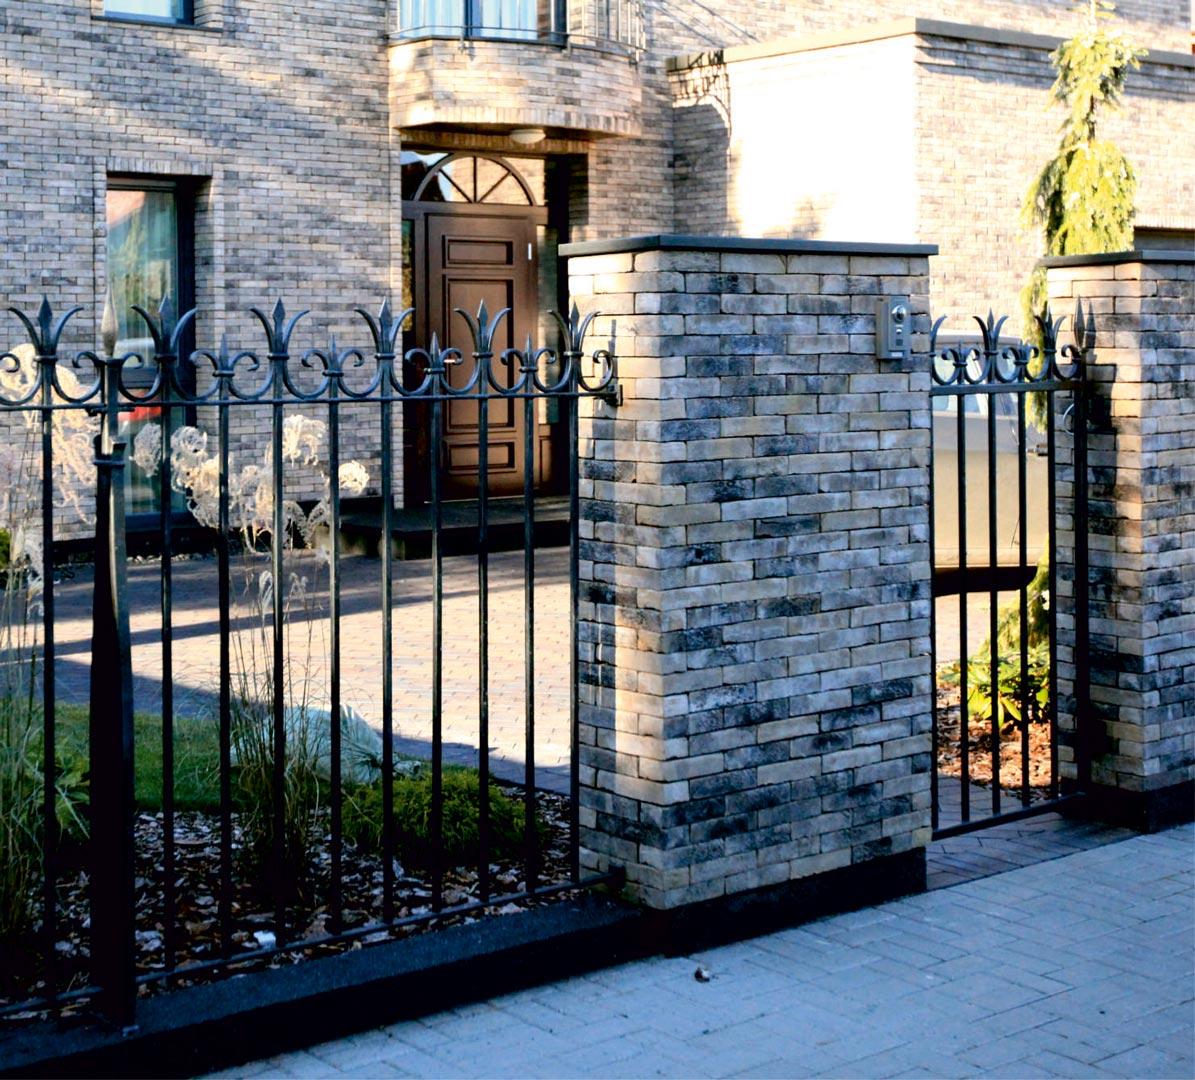 GATES, FENCE, BALCONY.